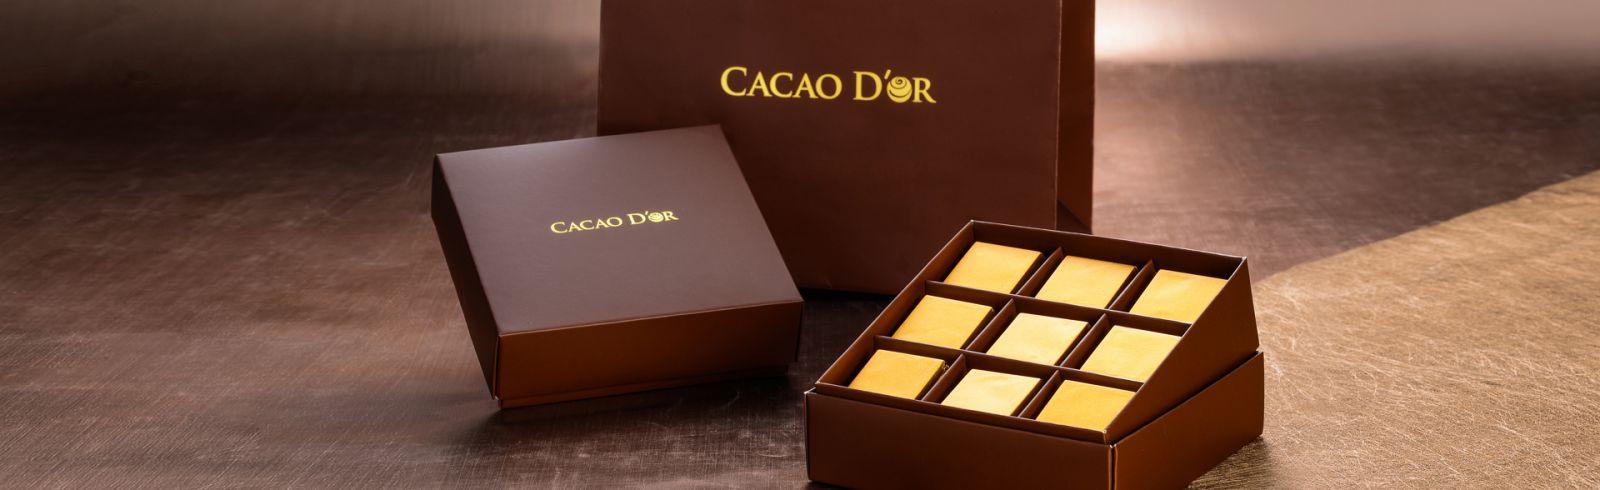 99%黑巧克力片